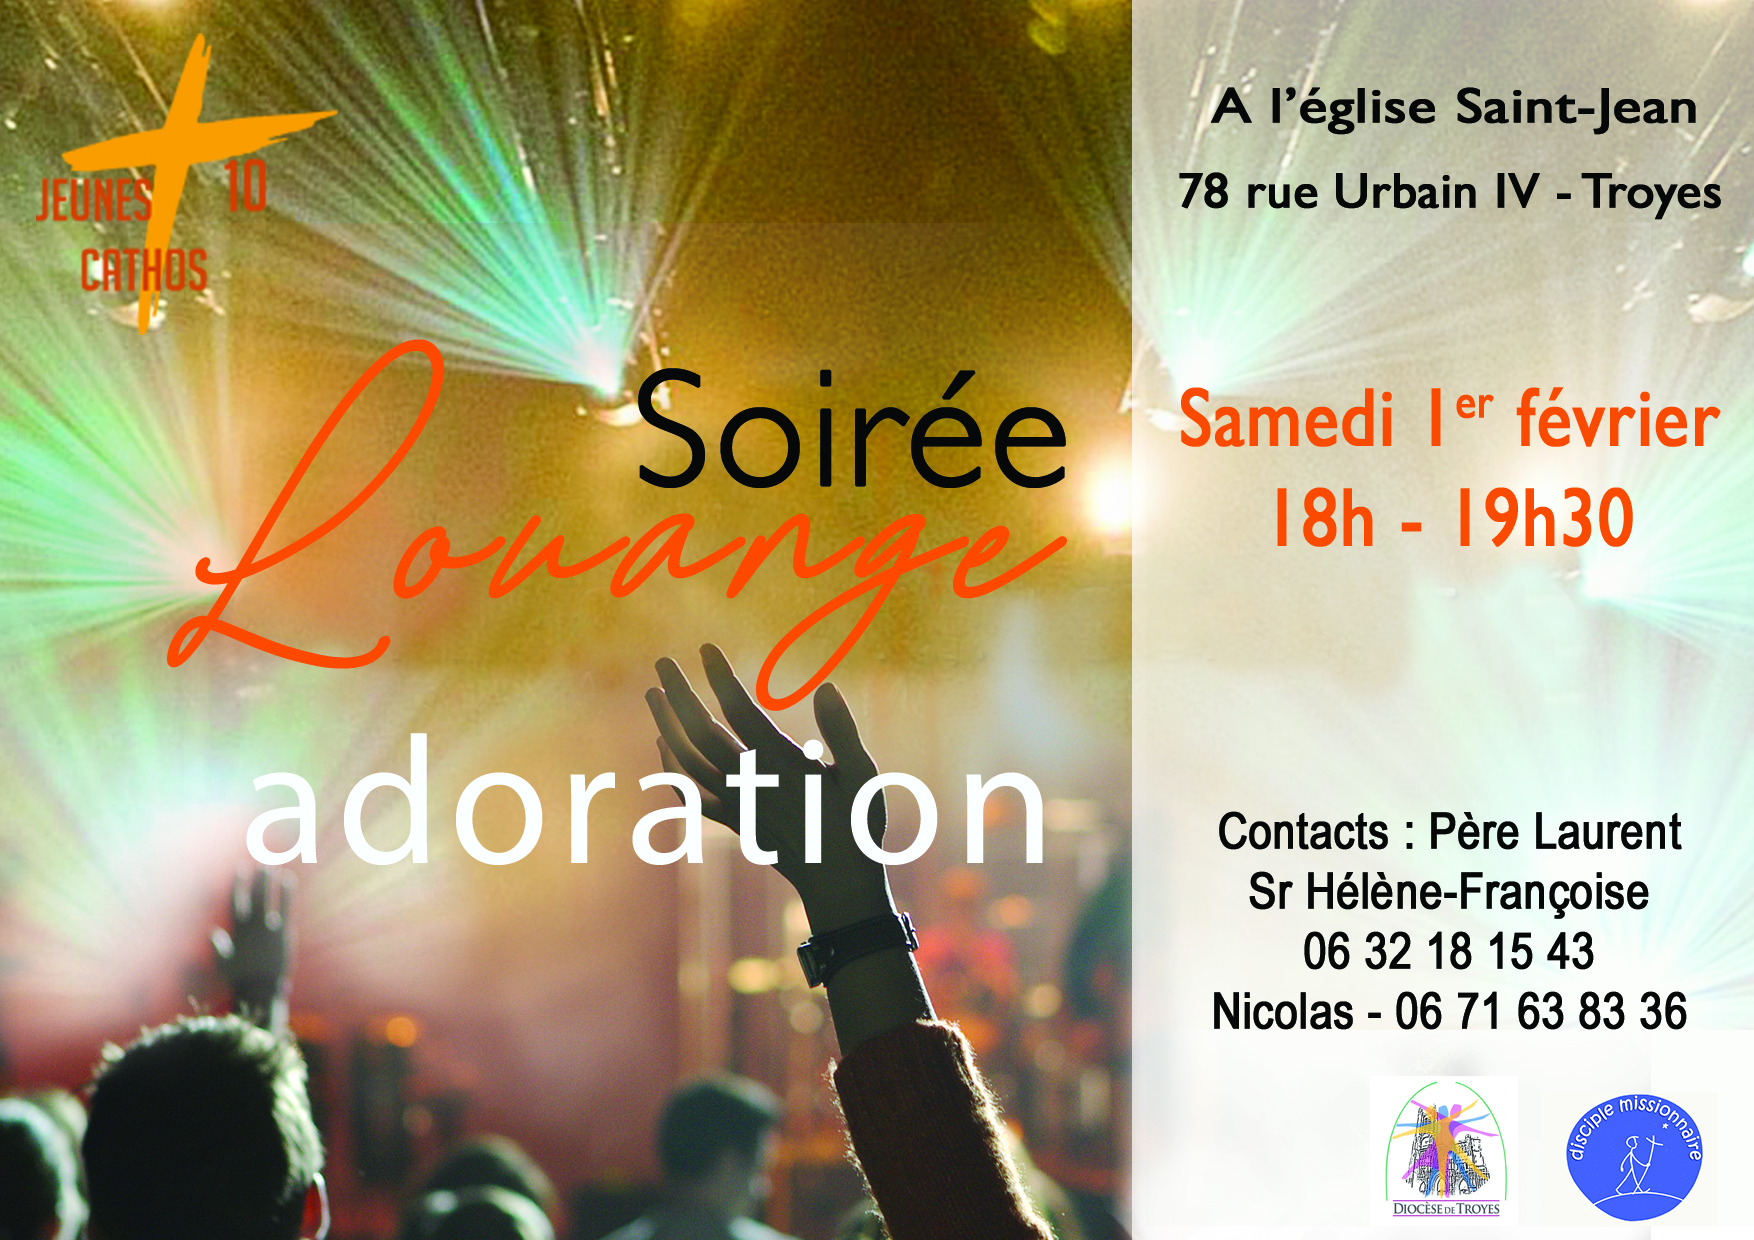 Soirée Louange Adoration du samedi 1er février 2020